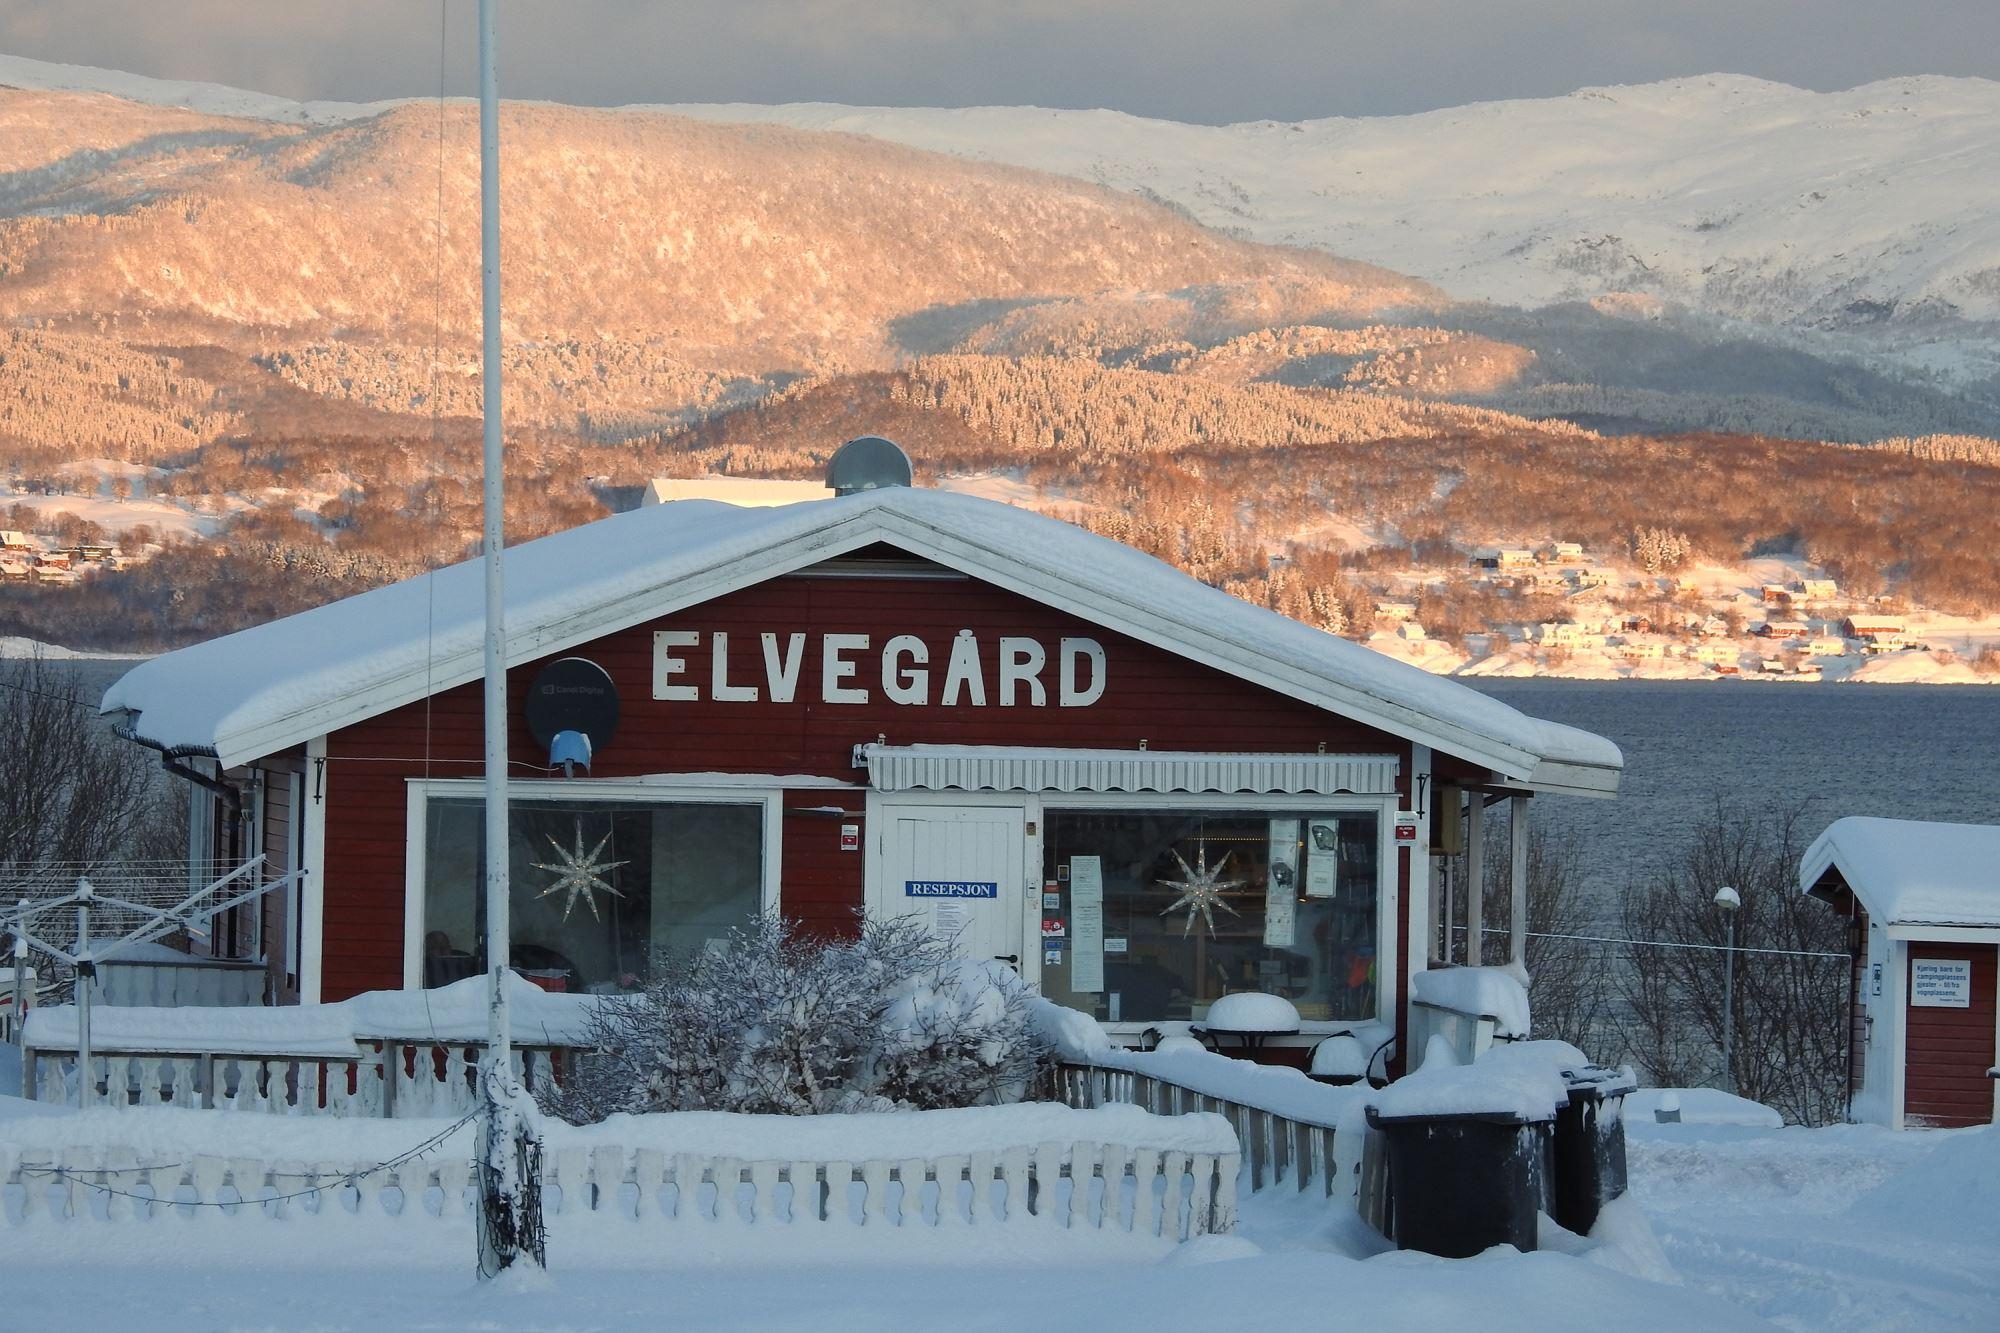 Camp Saltstraumen Elvegård